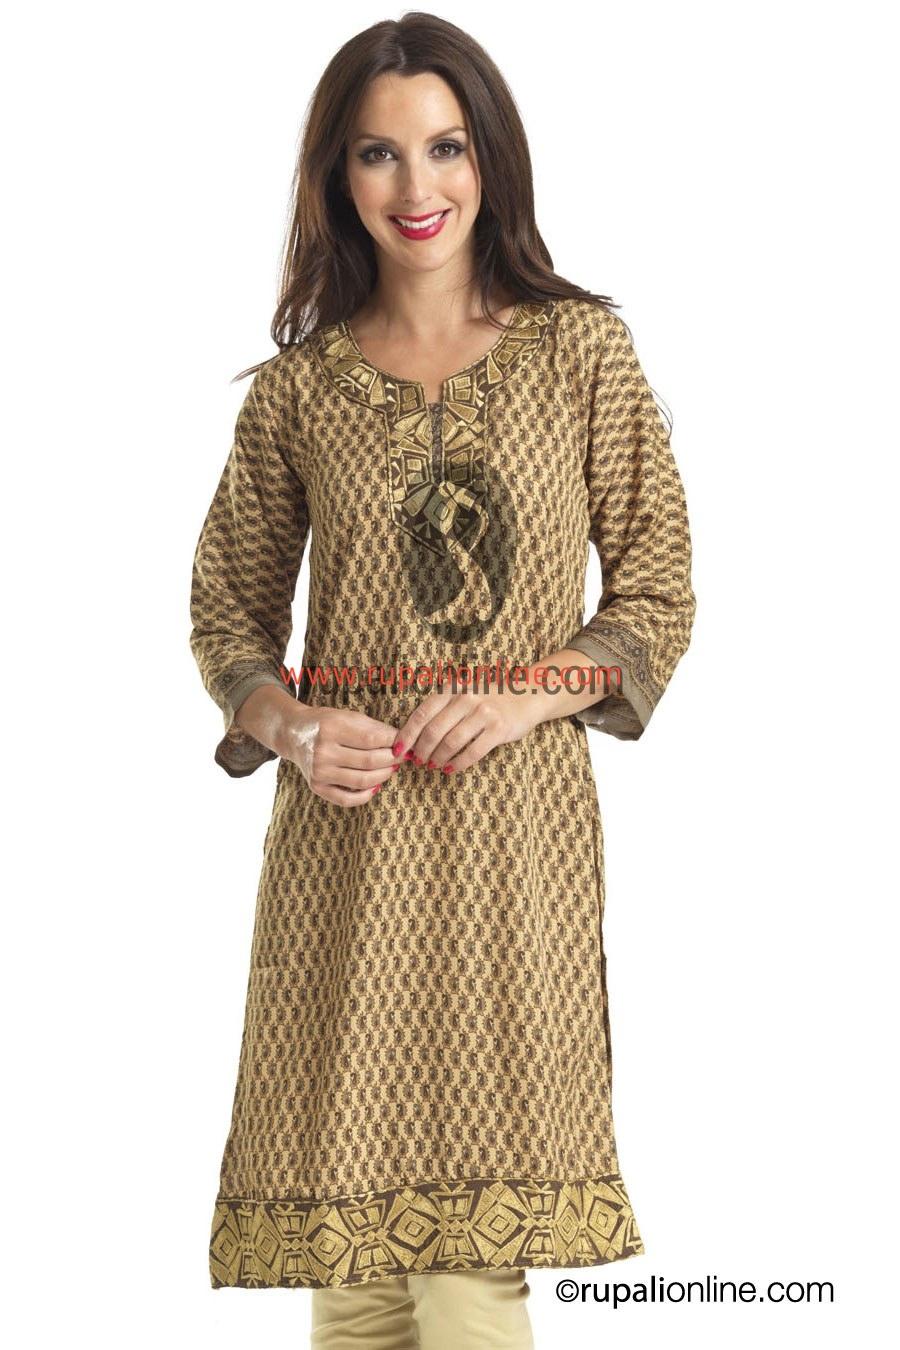 de243e19145 Soft crape printed long kurti with fine resham detailing neckline & daman  for a formal wear.